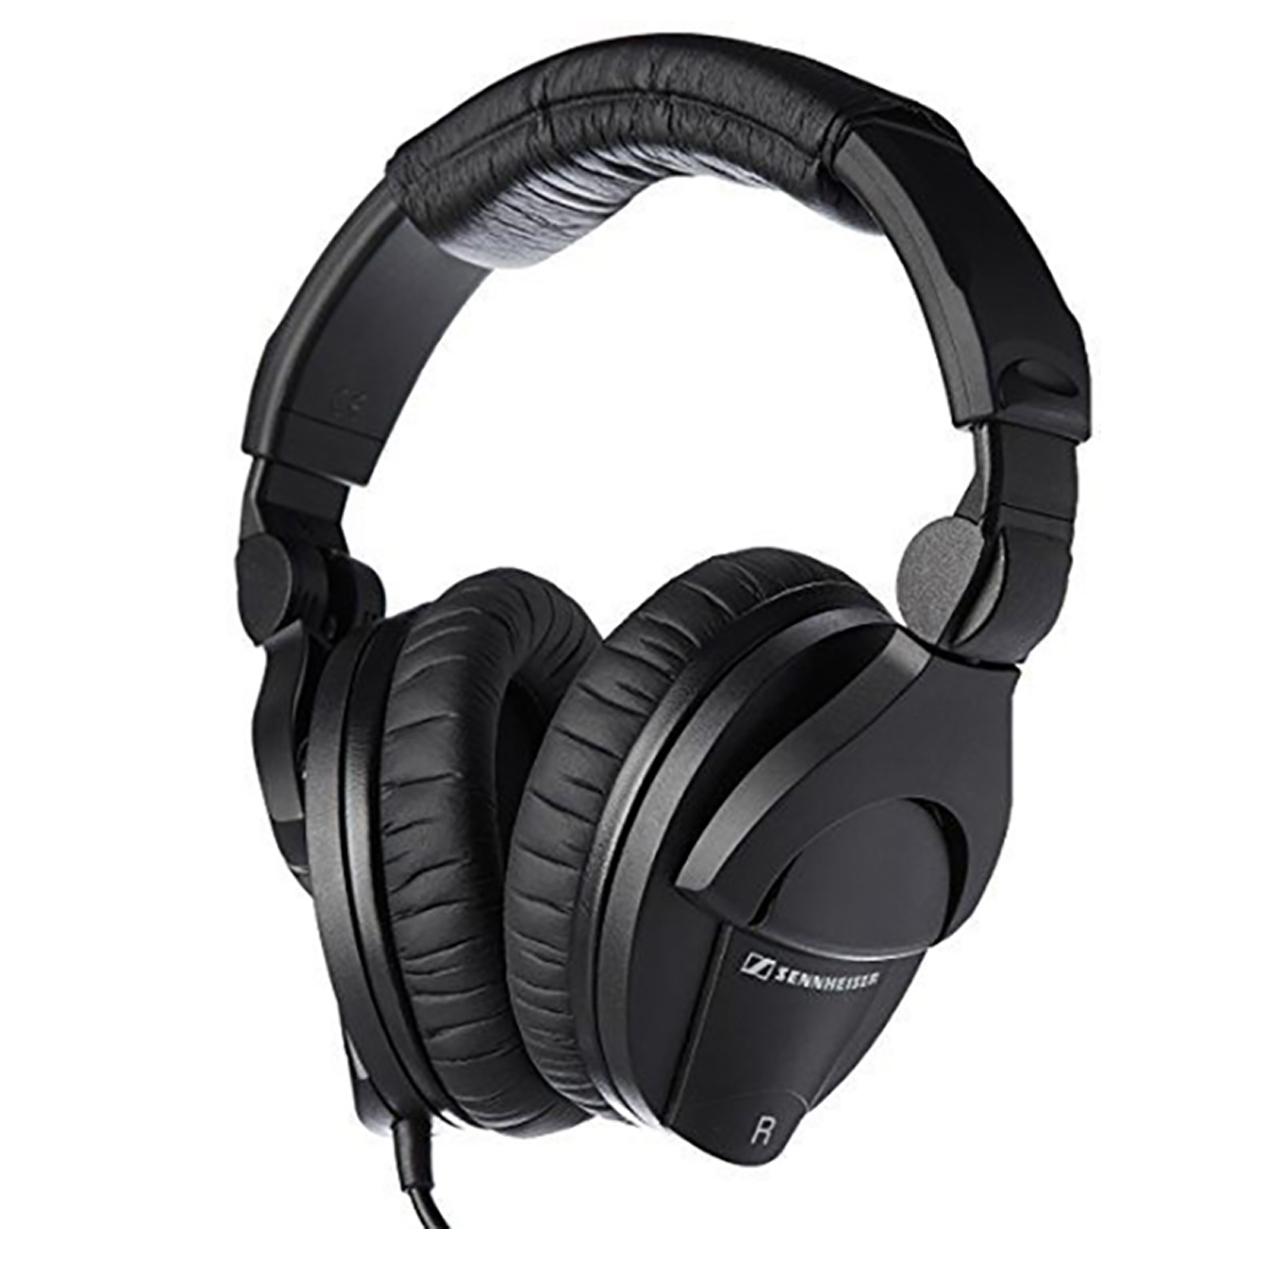 هدفون سنهایزر مدل HD 280 Professional